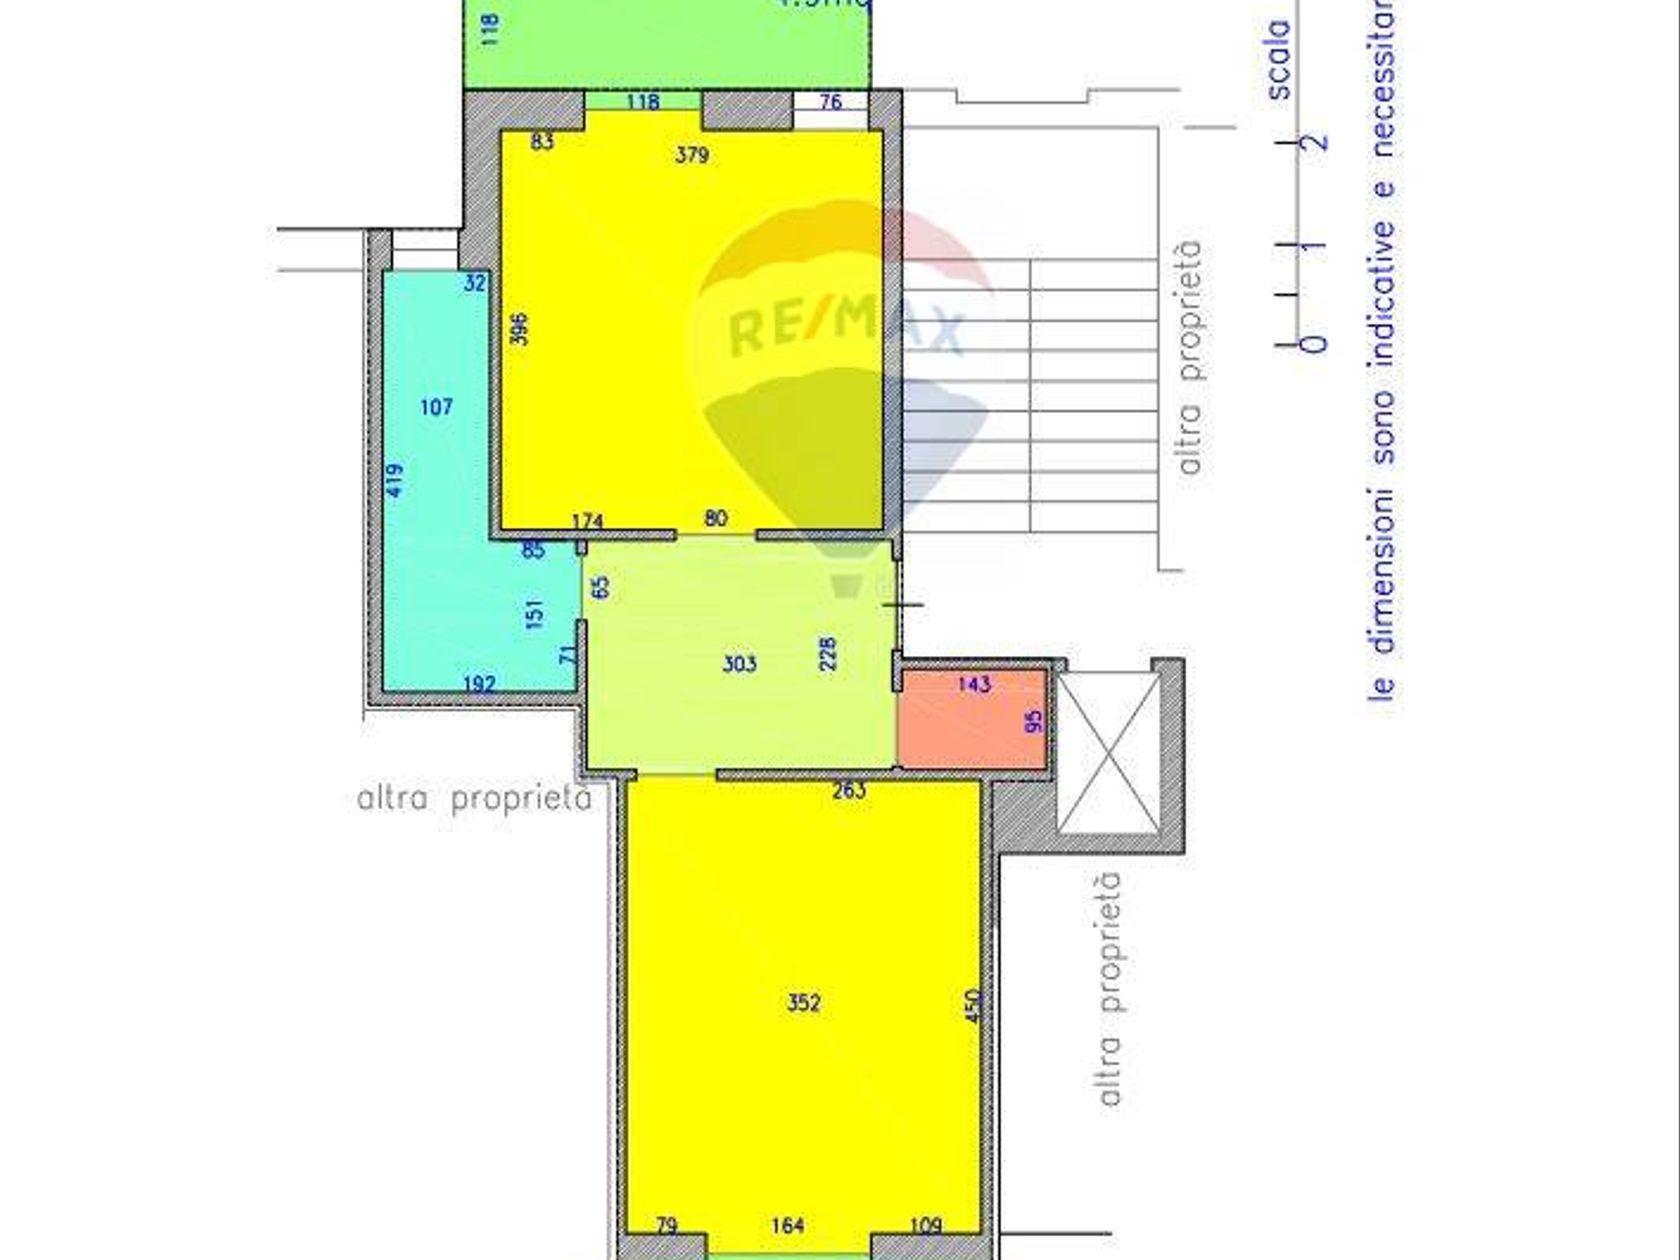 Appartamento Torino-barriera Di Milano Falchera Barca-bertolla, Torino, TO Vendita - Planimetria 2